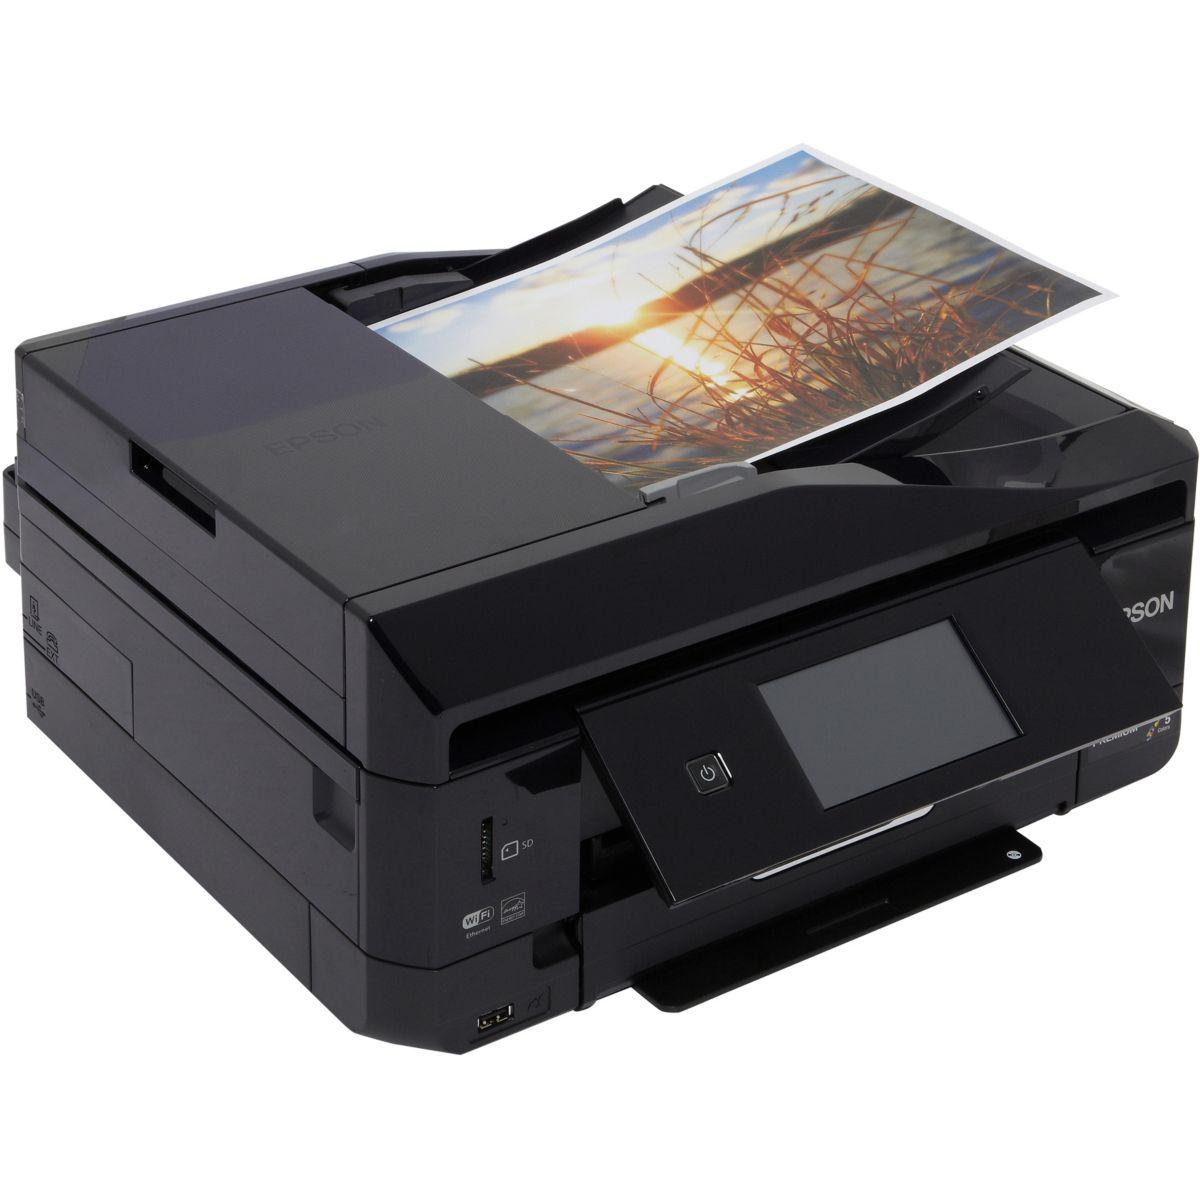 Imprimante multifonction jet d'encre EPSON XP-830 (photo)